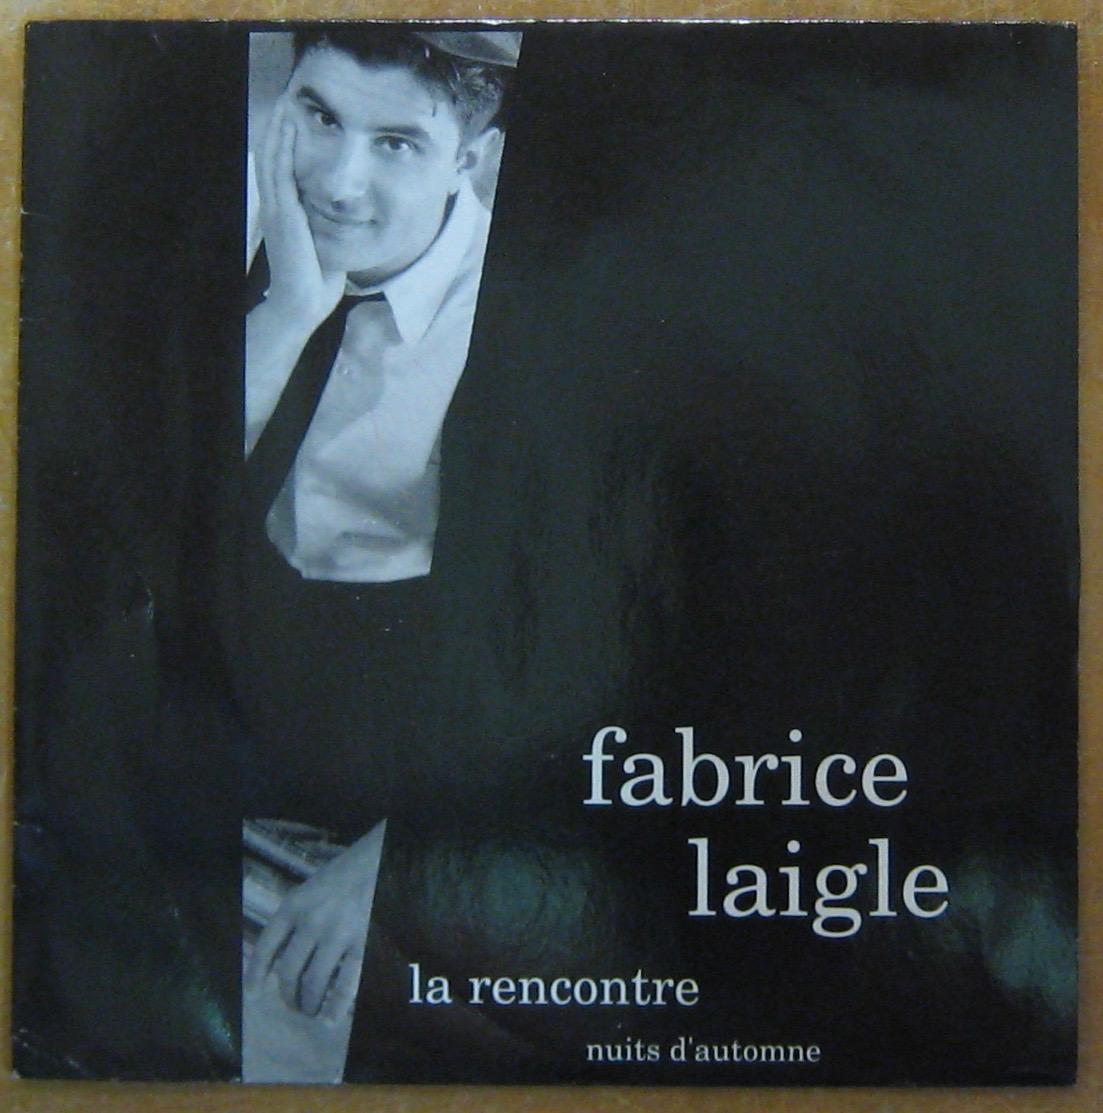 LAIGLE FABRICE - La rencontre - 45T (SP 2 titres)